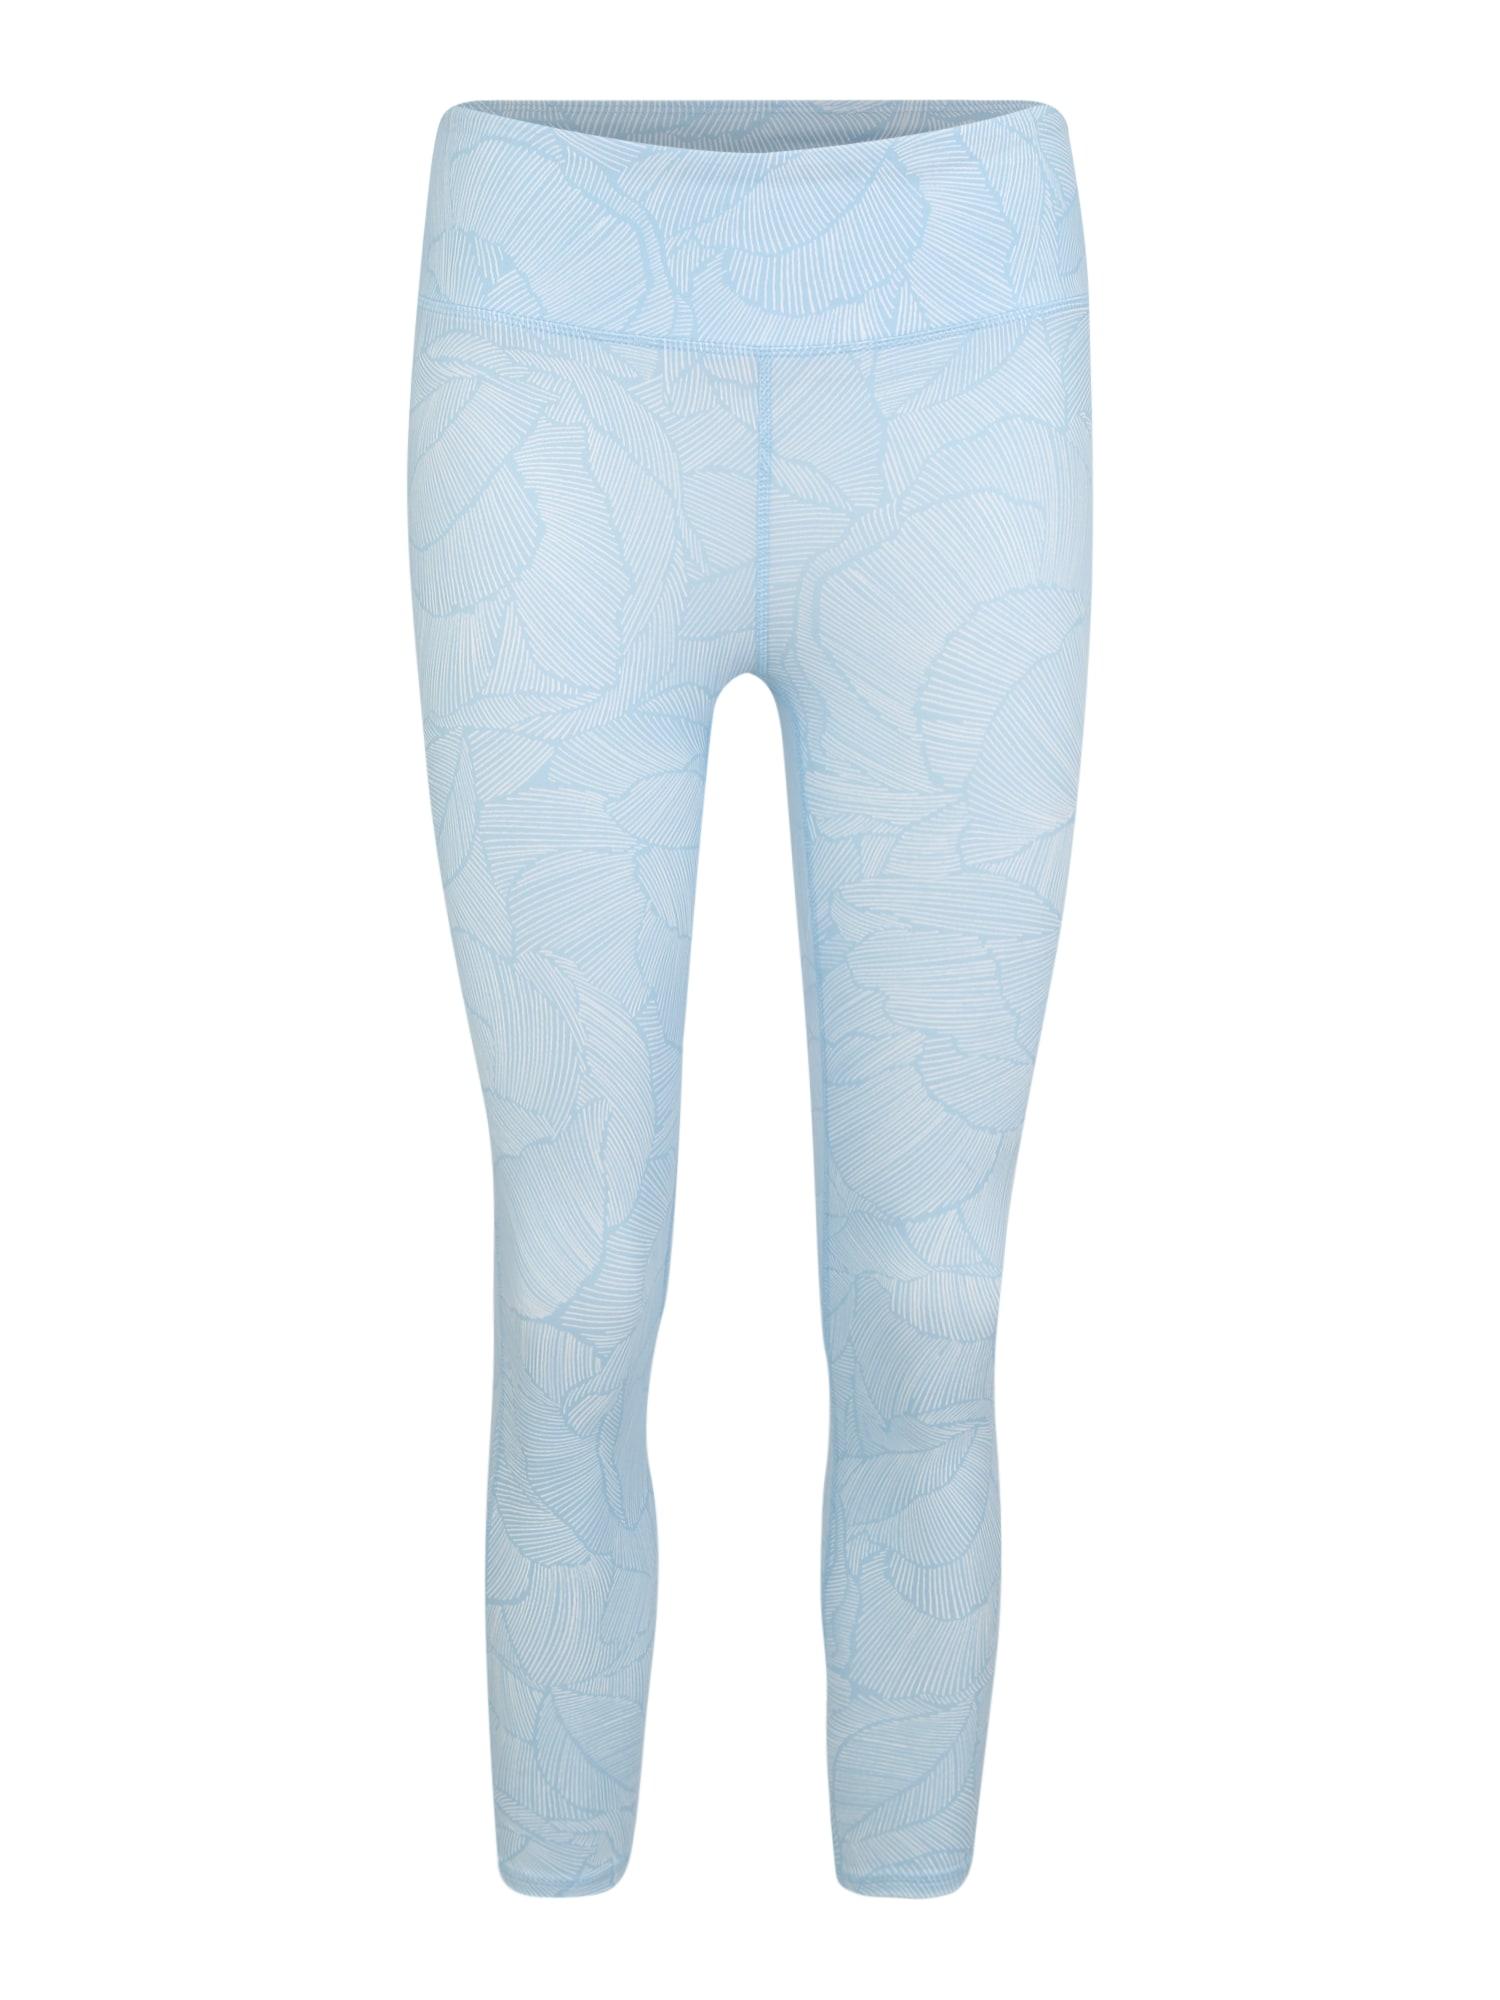 Sportovní kalhoty V-GFAST NW LEGGING 78 modrá GAP